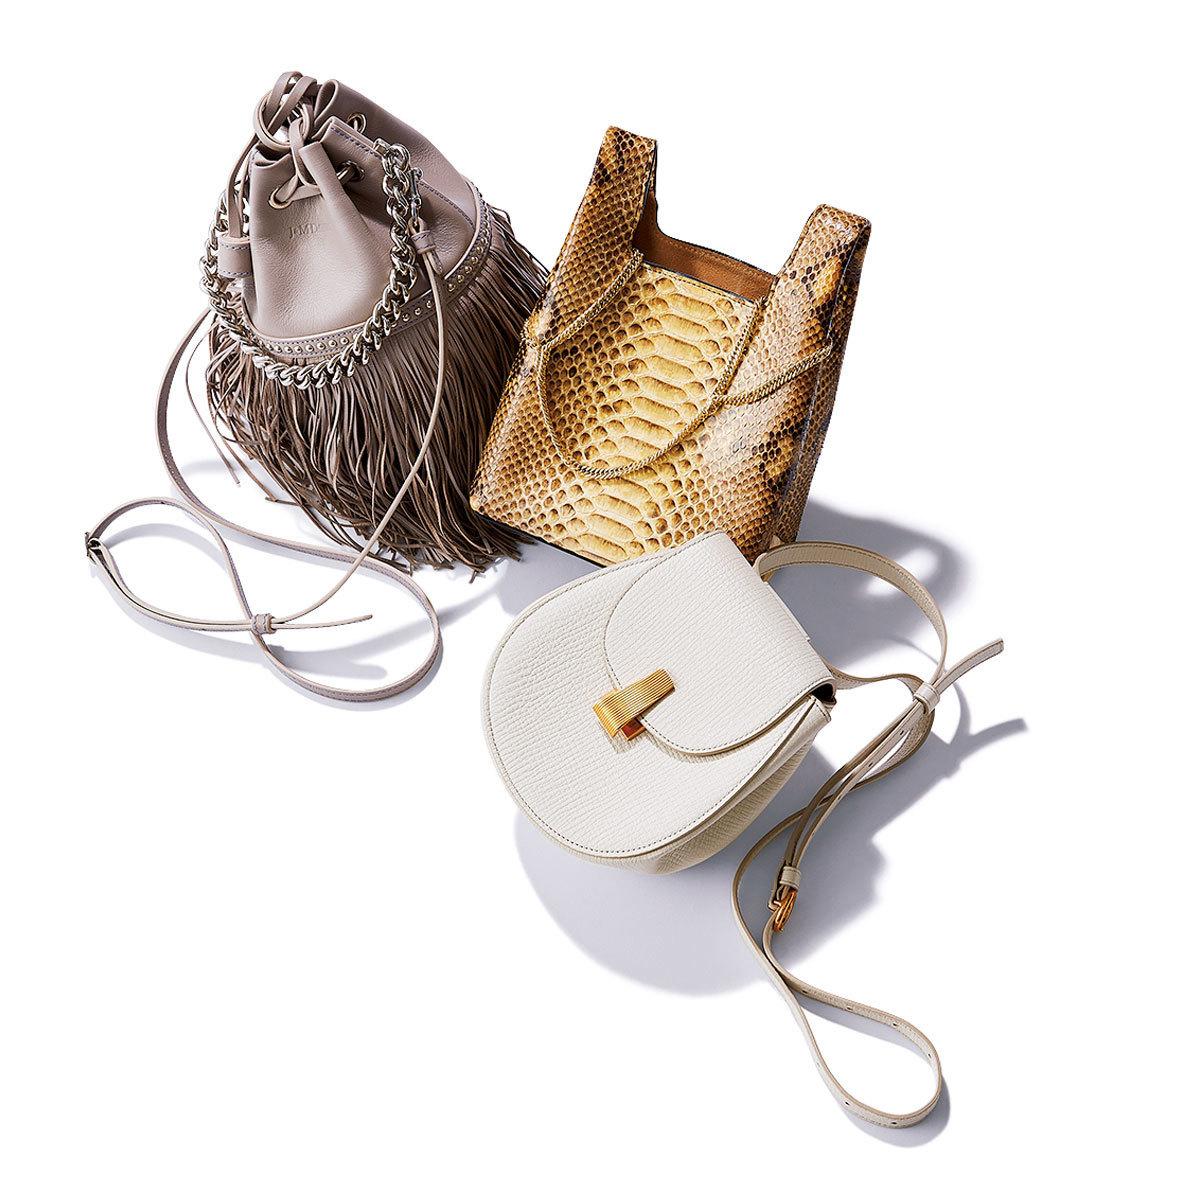 &M デヴィッドソン、ヘイワー ド、ボッテガ・ ヴェネタのバッグ